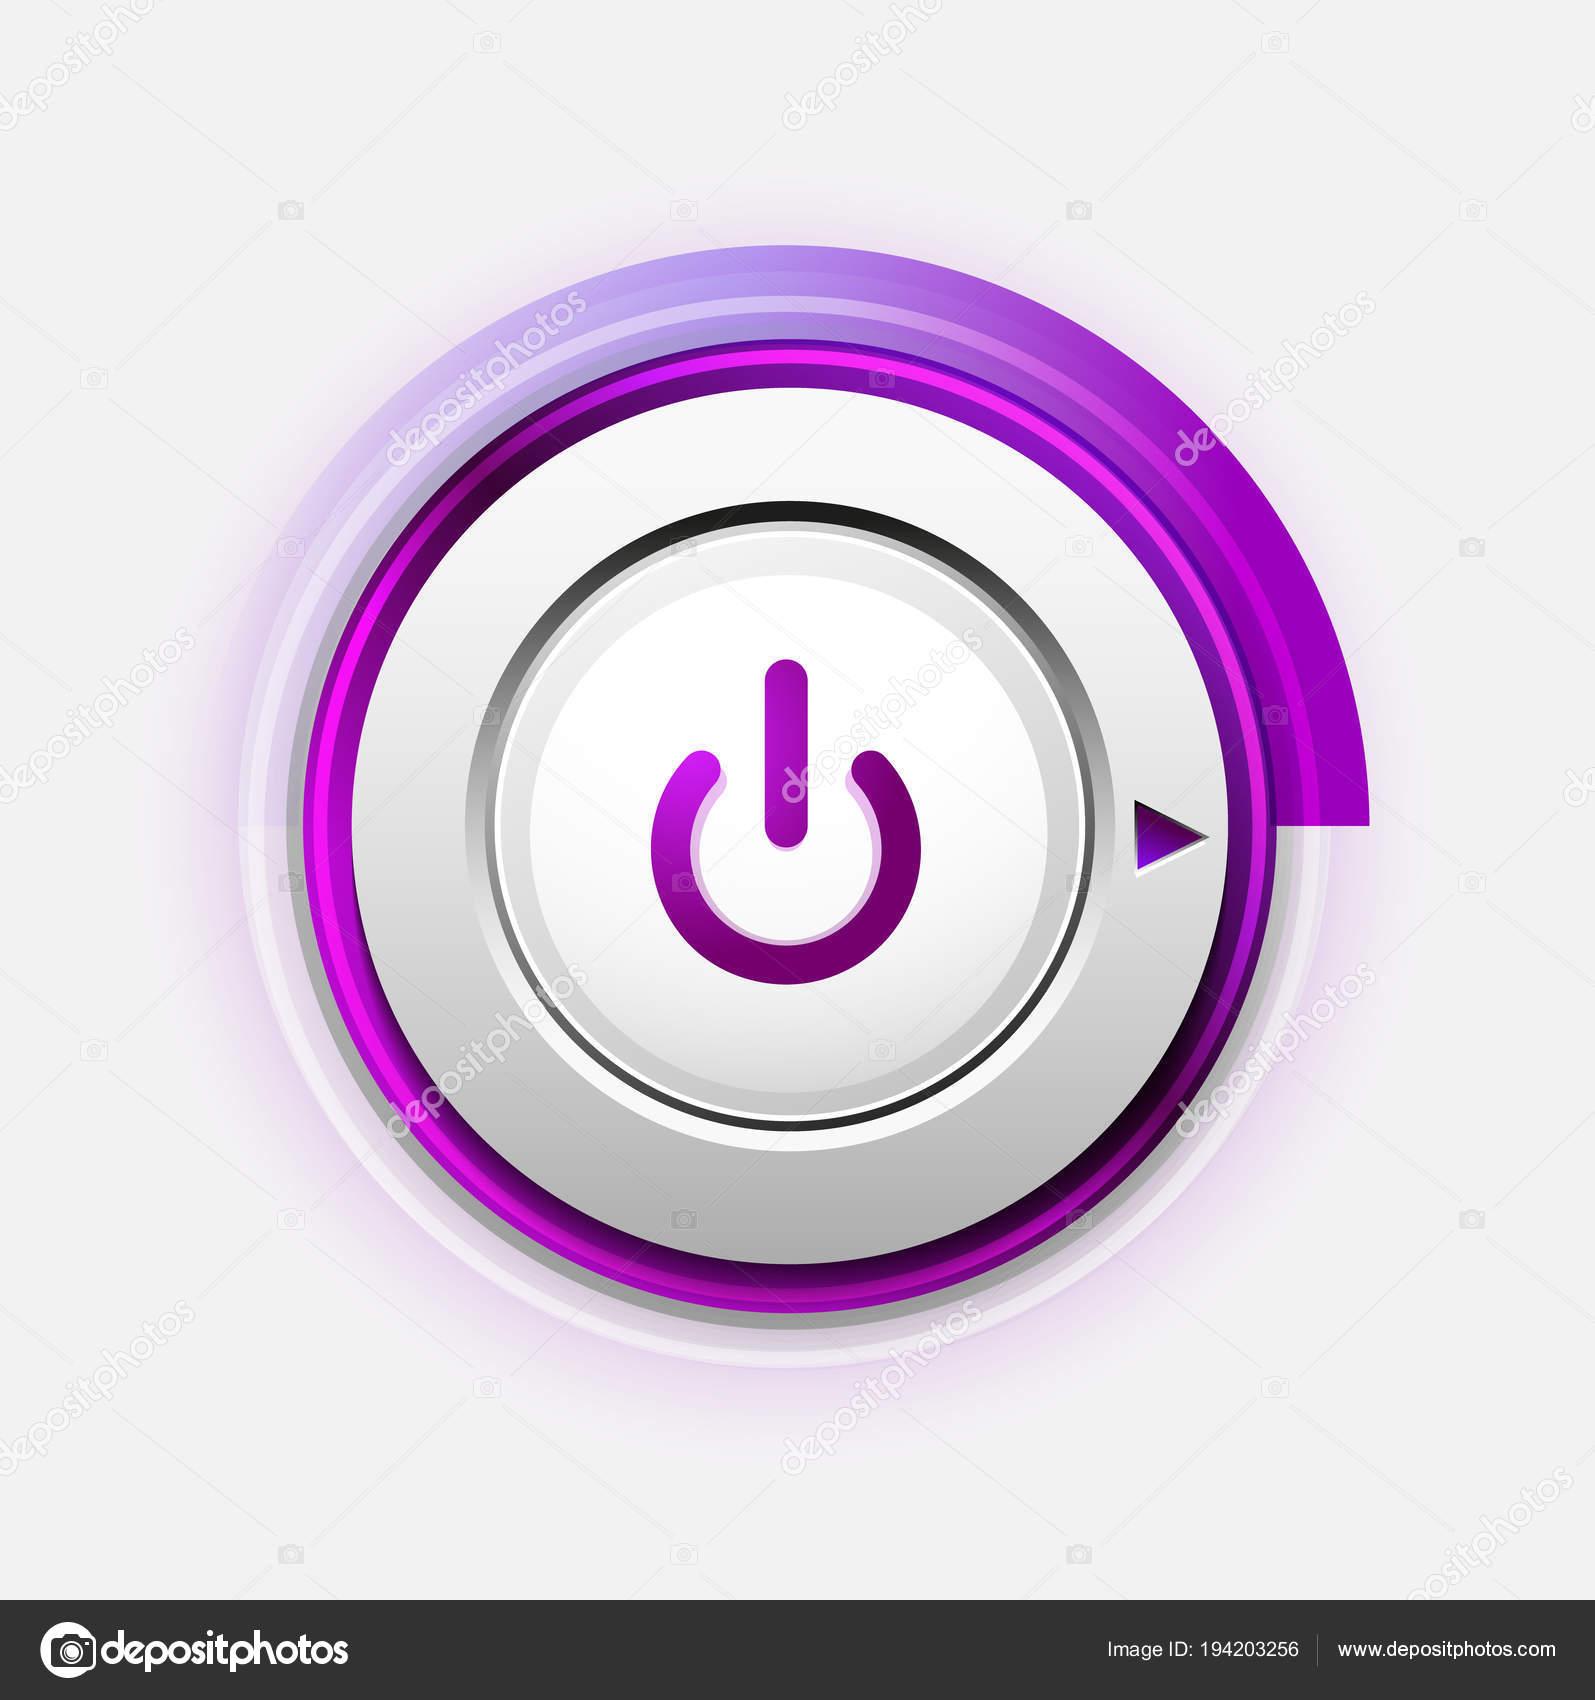 power button technology logo digital art techno concept on off icon stock vector c akomov 194203256 depositphotos